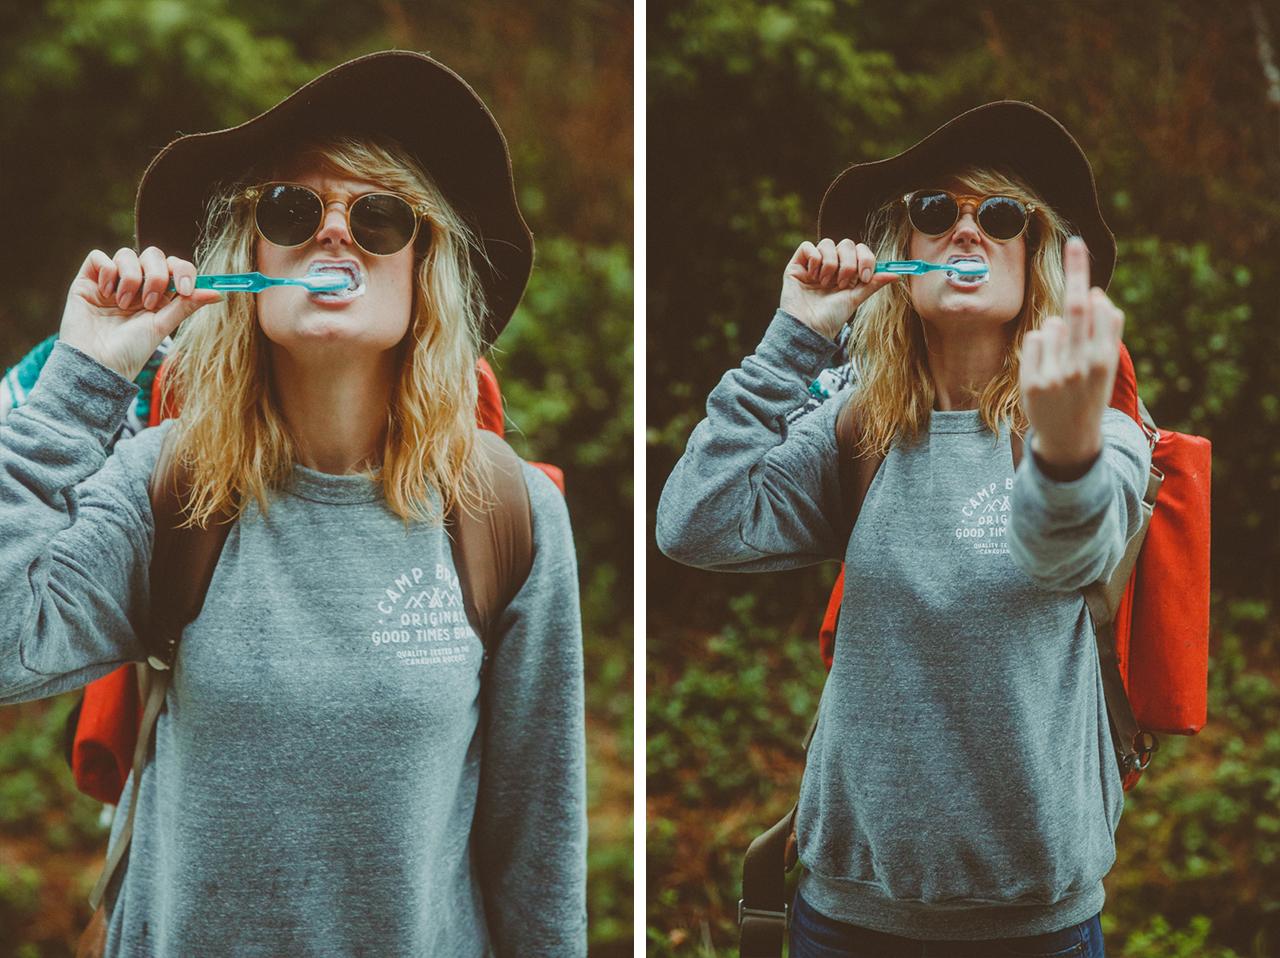 v-campbrandgoods-lifestyle-photographer-mikeseehagel-14